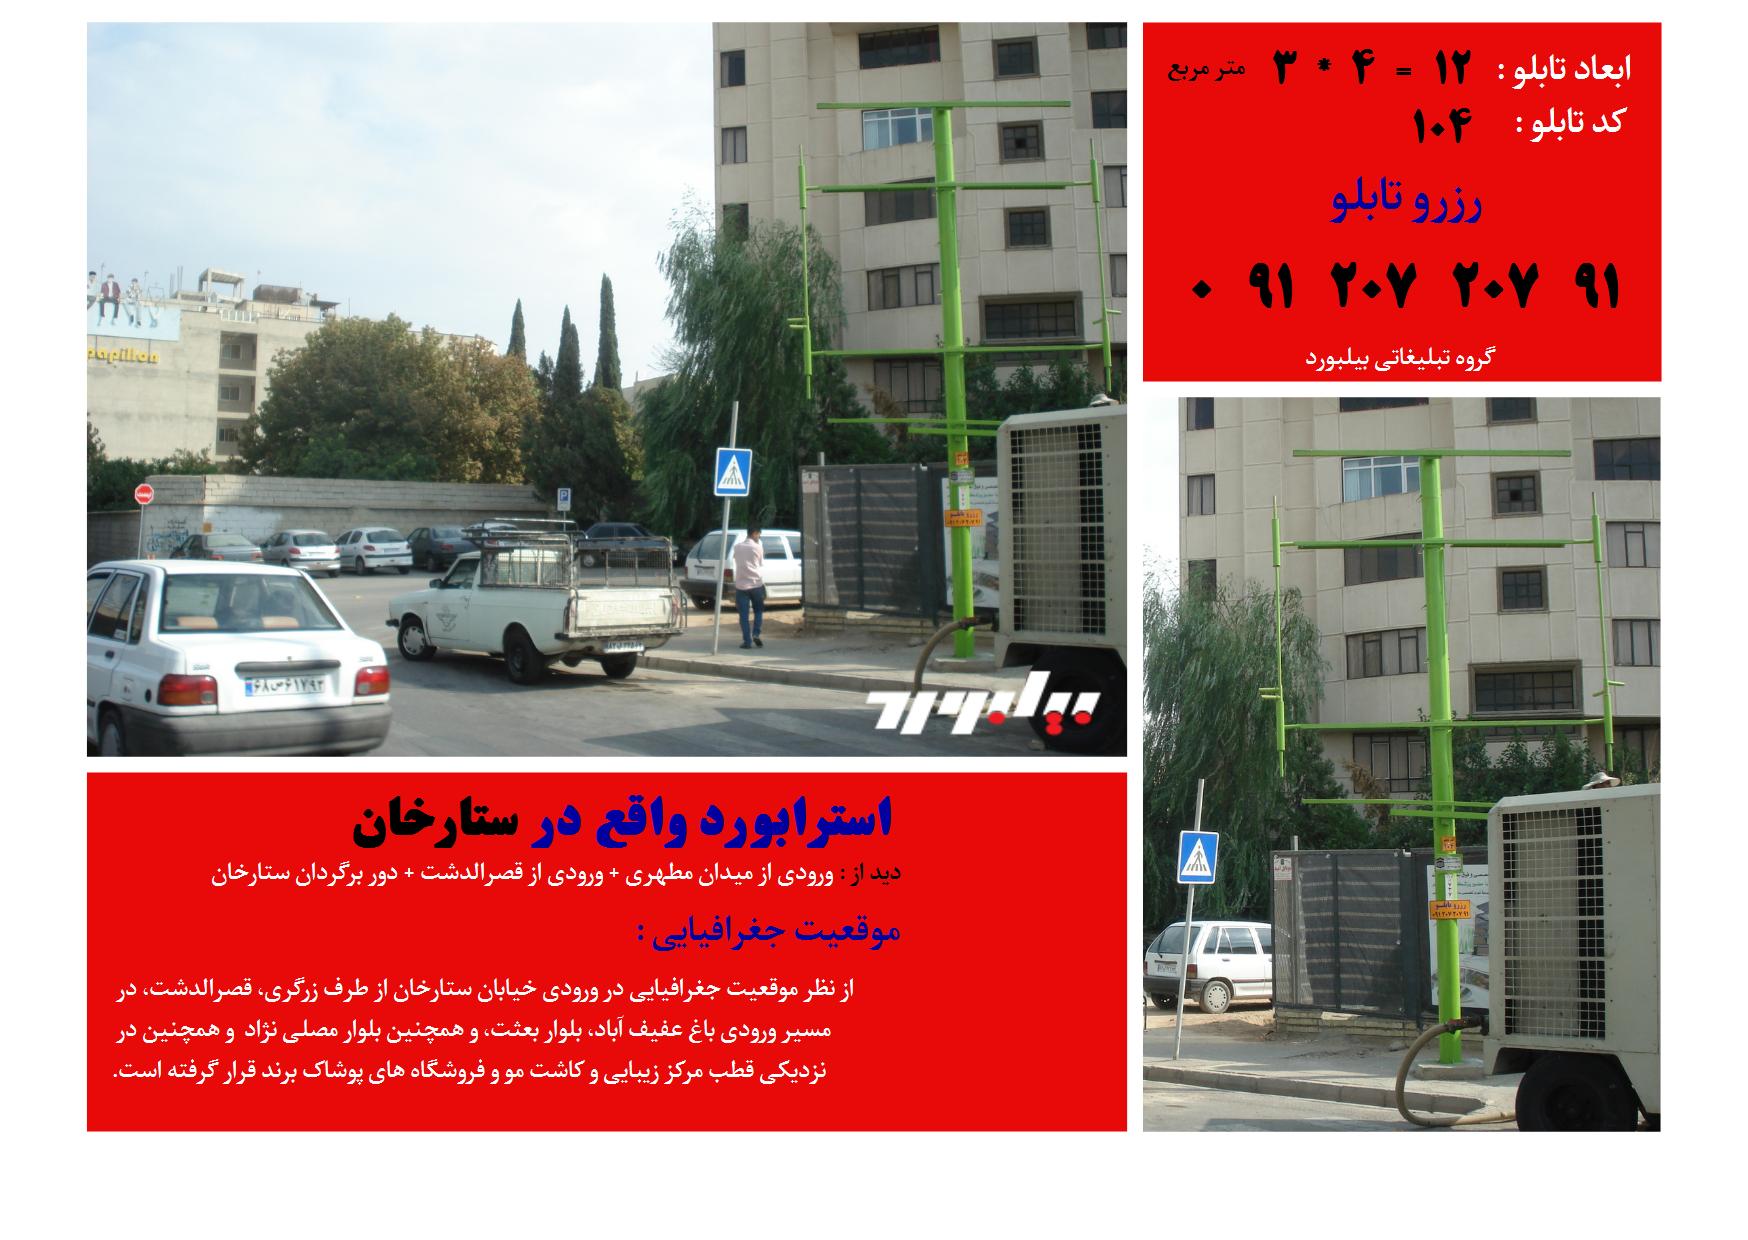 اجاره بیلبورد در شیراز|تبلیغات|فارس شیراز|ثبت آگهی رایگان - بیلبورد